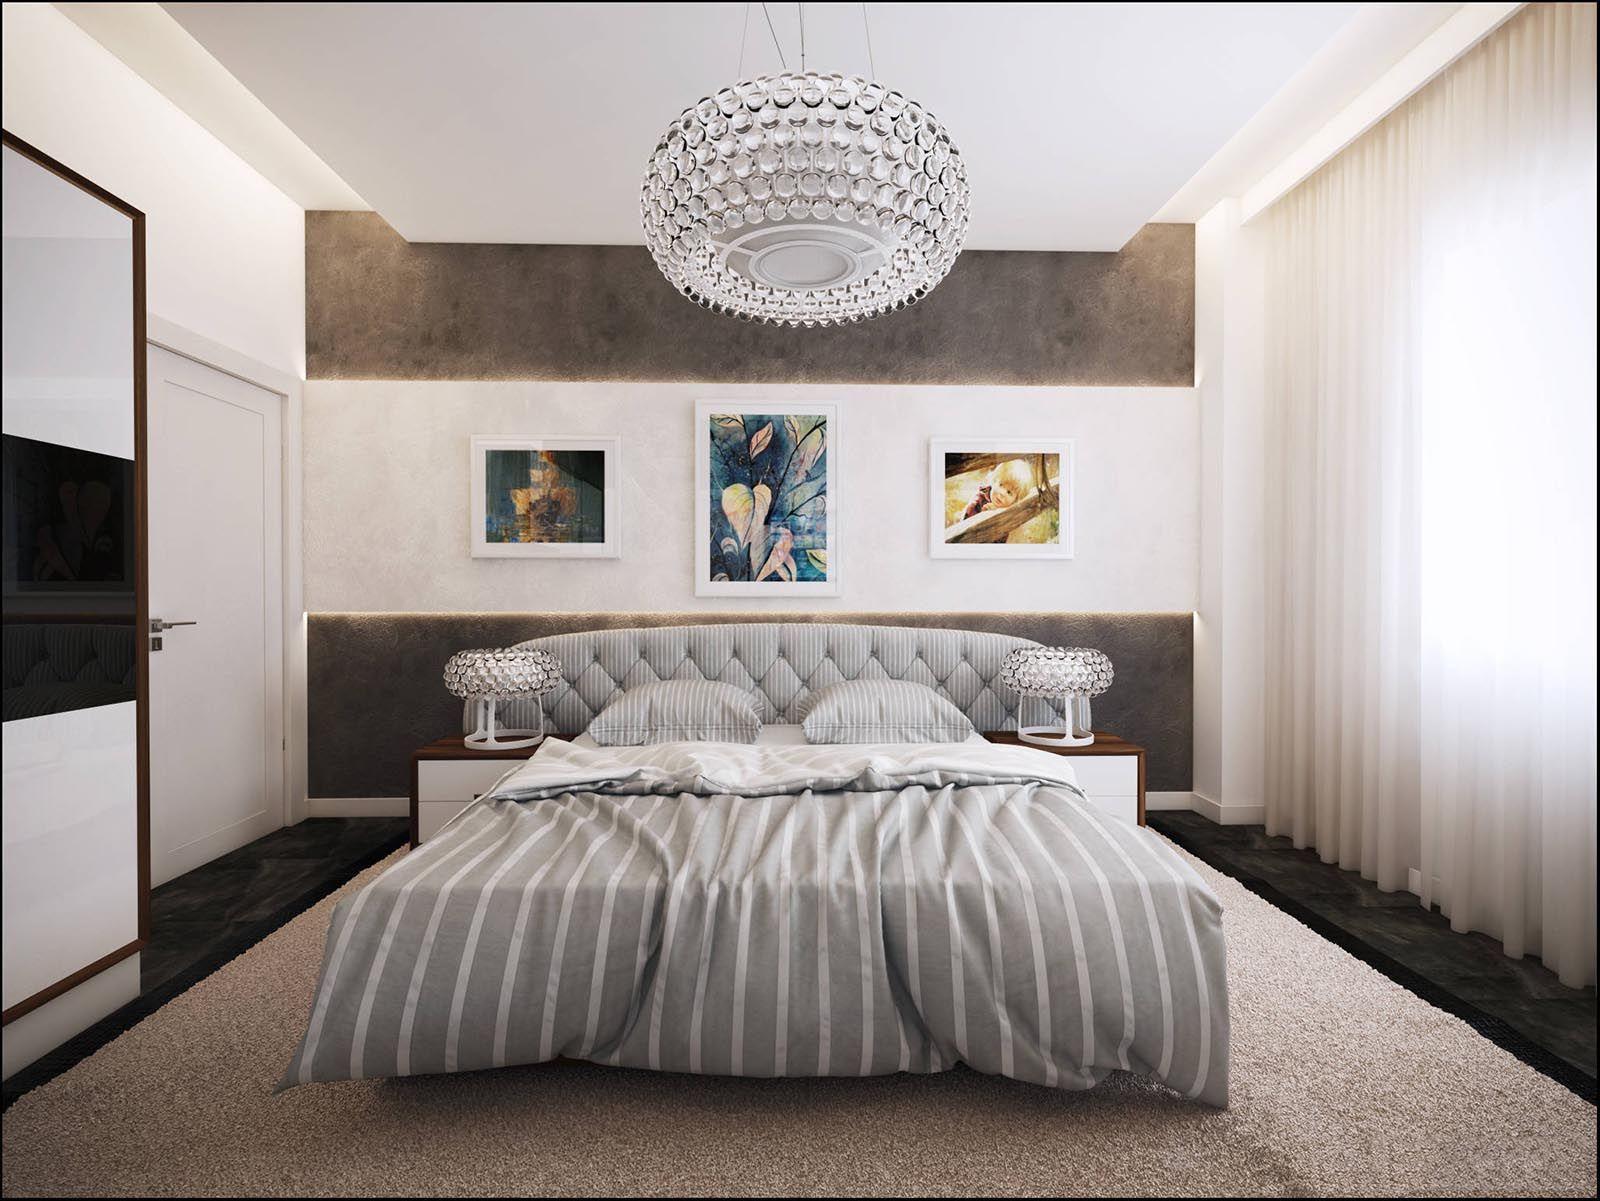 Pin von decor300 auf ديكورات,Decorations | Pinterest